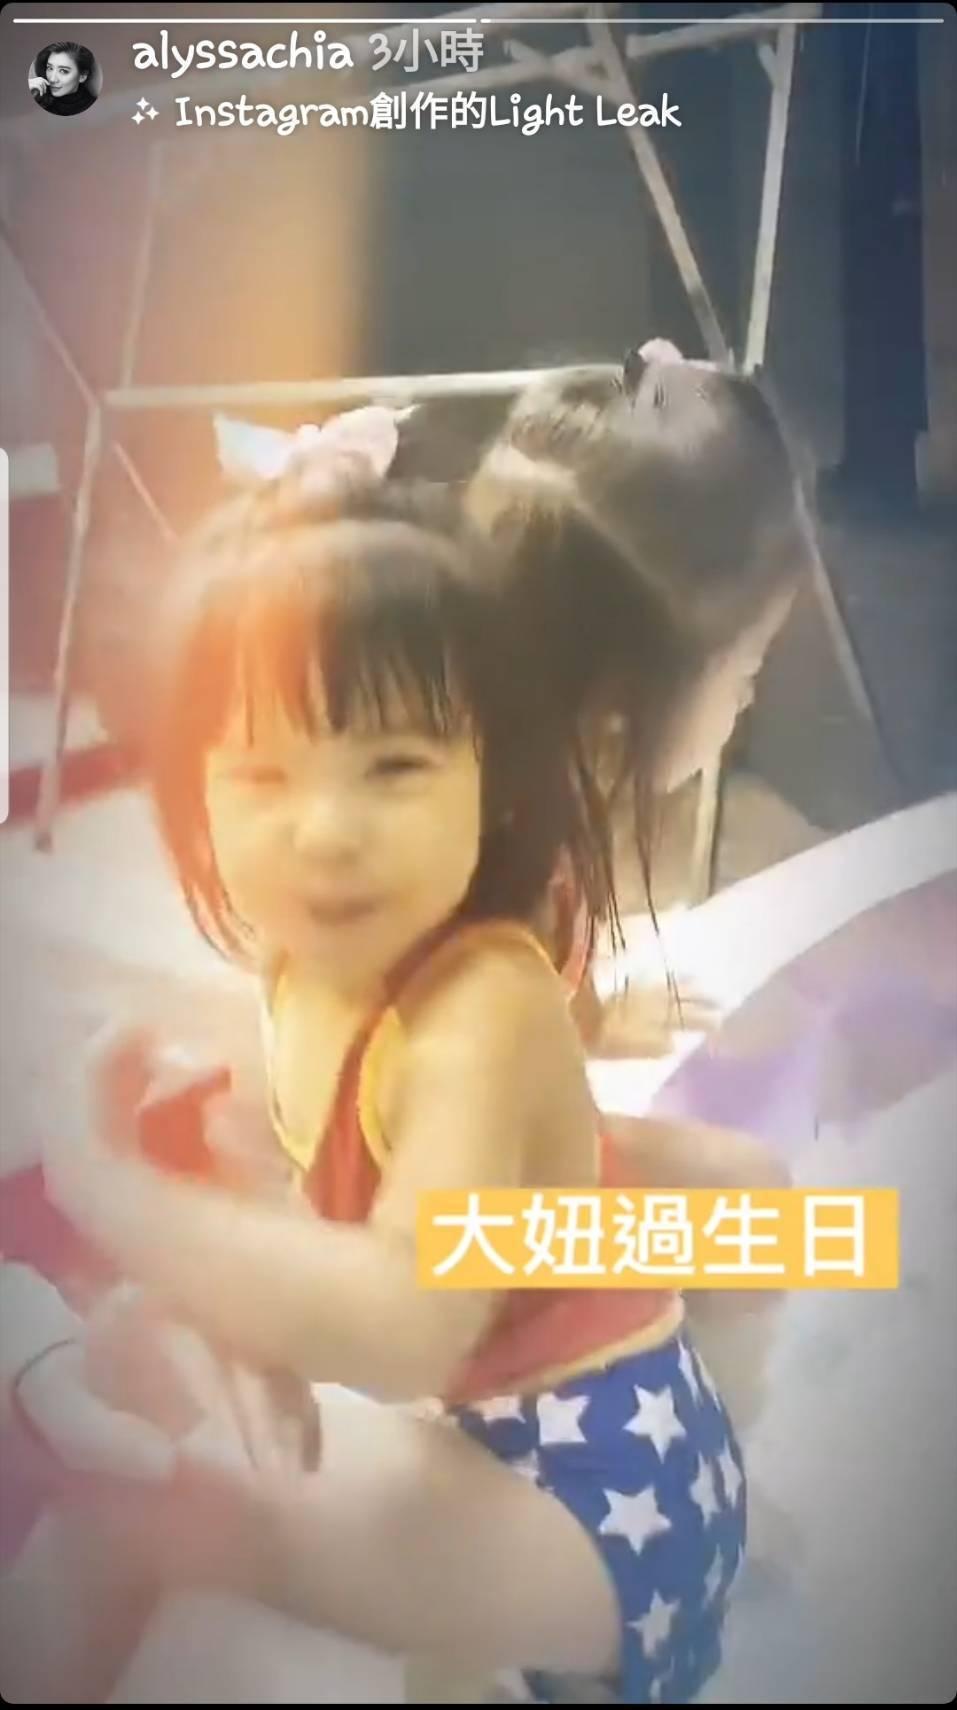 賈靜雯曝光咘咘、Bo妞泳裝照。圖/擷自IG限時動態